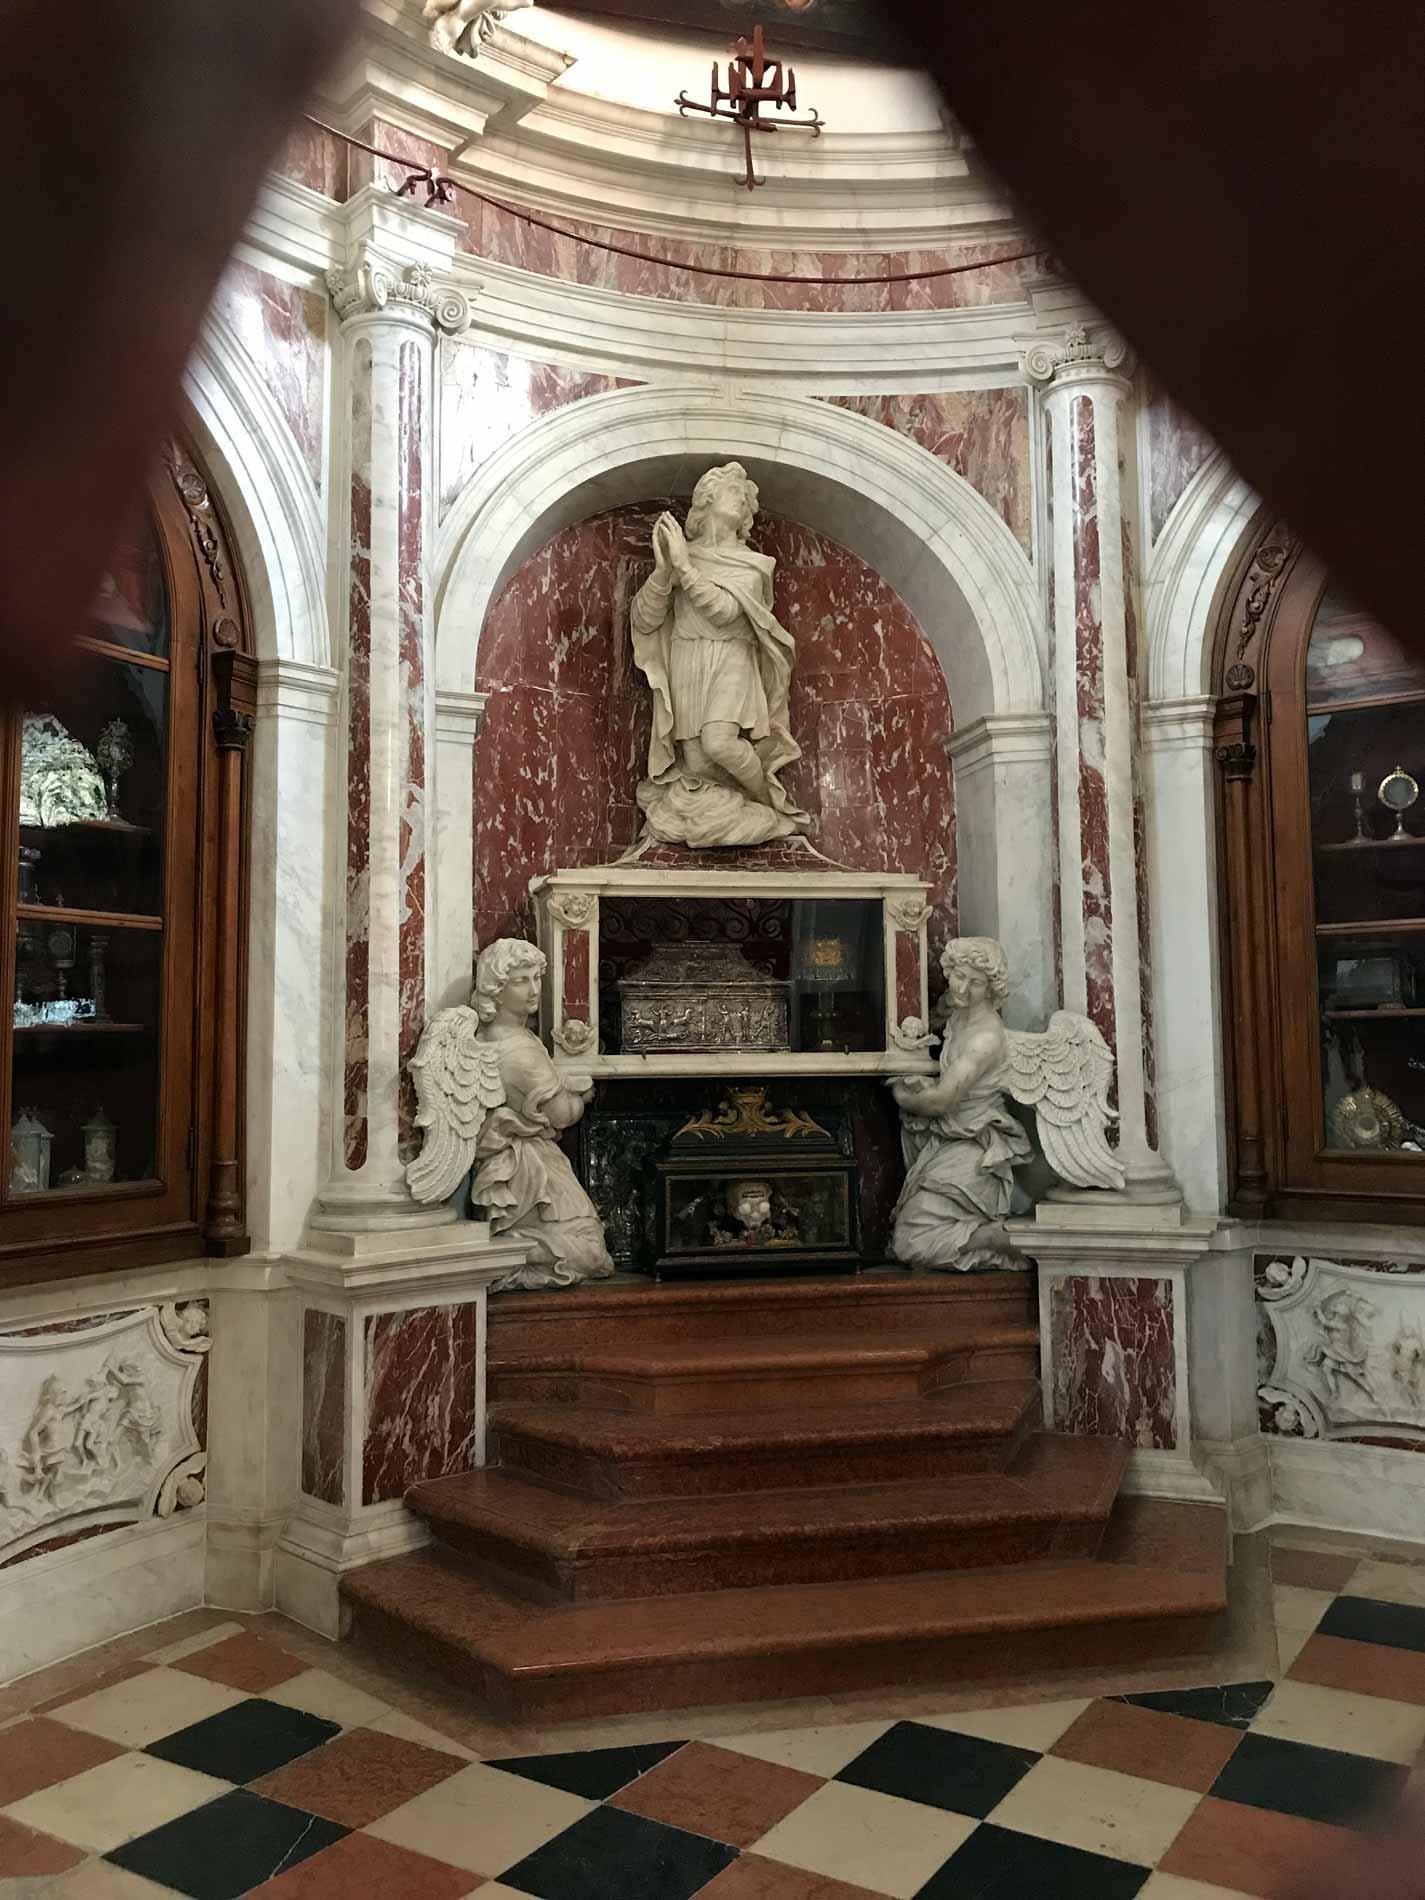 Kotor-Cattedrale-di-San-Trifone-interno-reliquie-statue-marmo